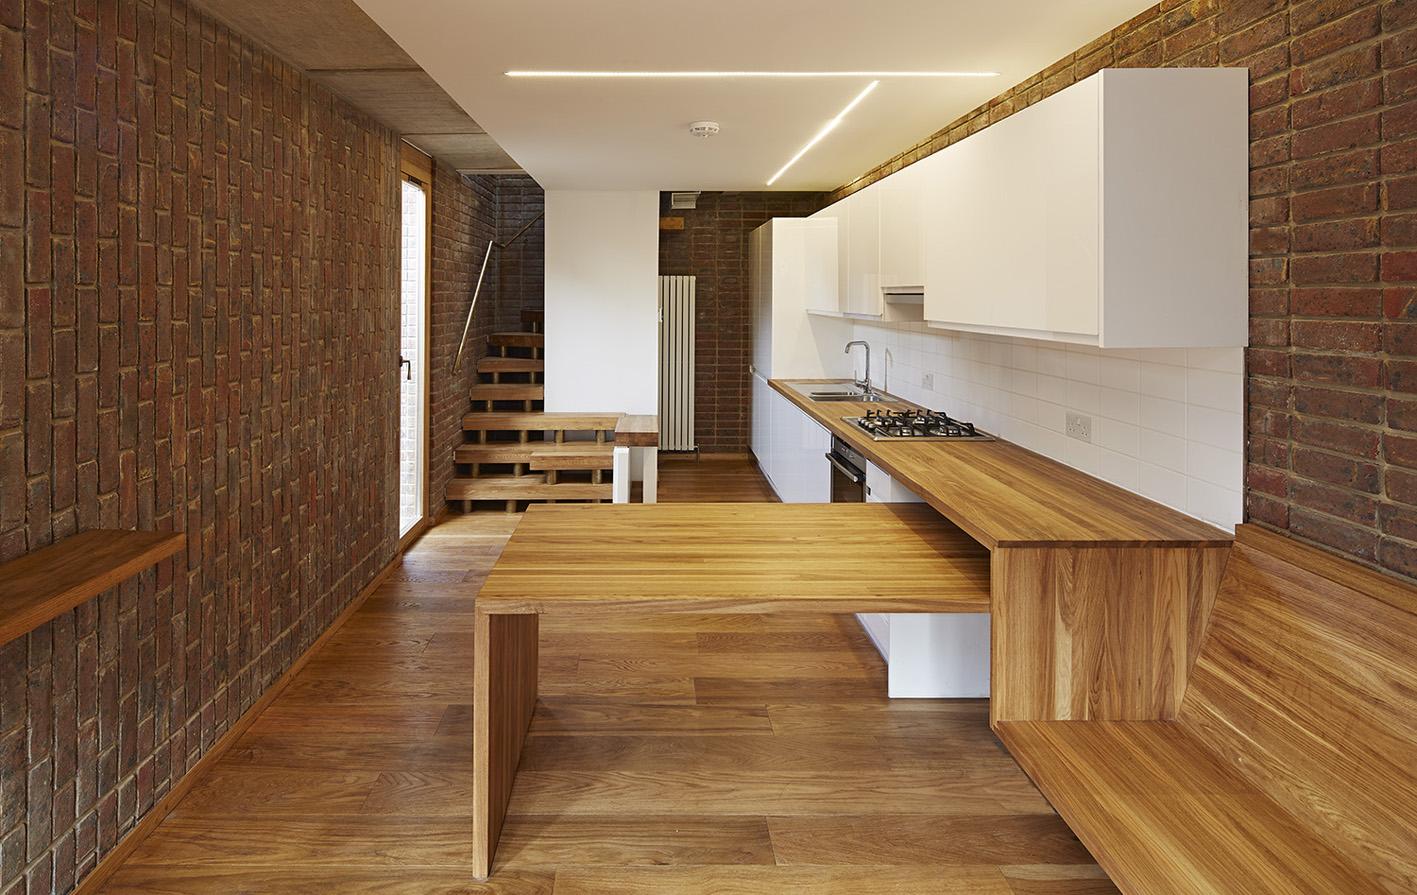 Accurata definizione per le tessiture della muratura in mattoni faccia a vista il nuovo cantiere - Mattoni faccia vista per interni ...